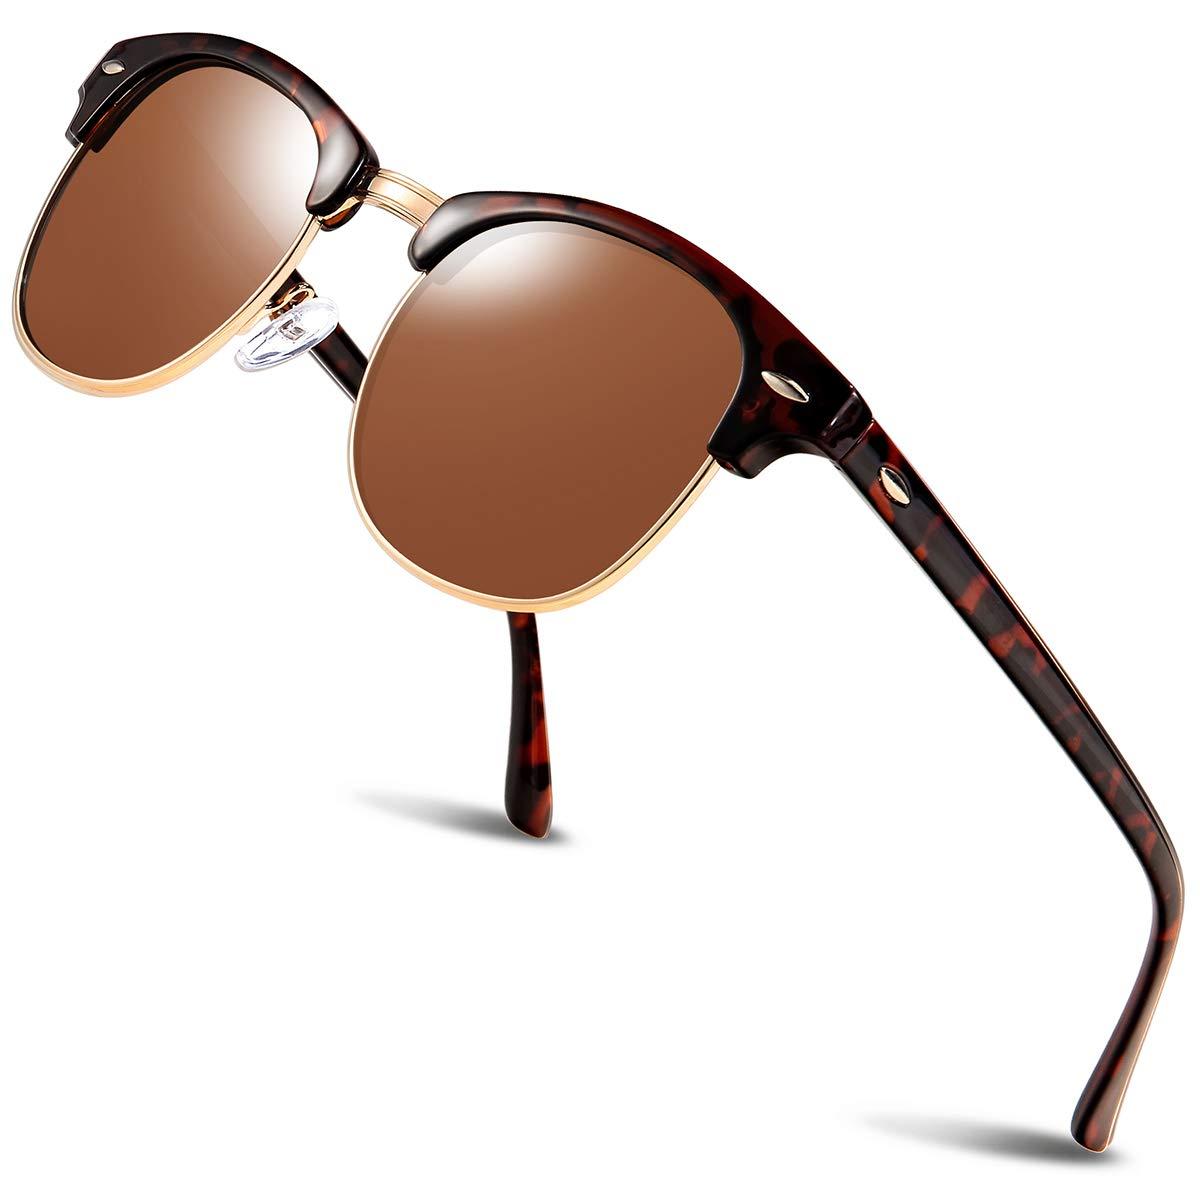 Polarized Sunglasses for Women and Men - wearPro Semi-Rimless Men Sunglasses polarized uv protection WP2006 by wearpro